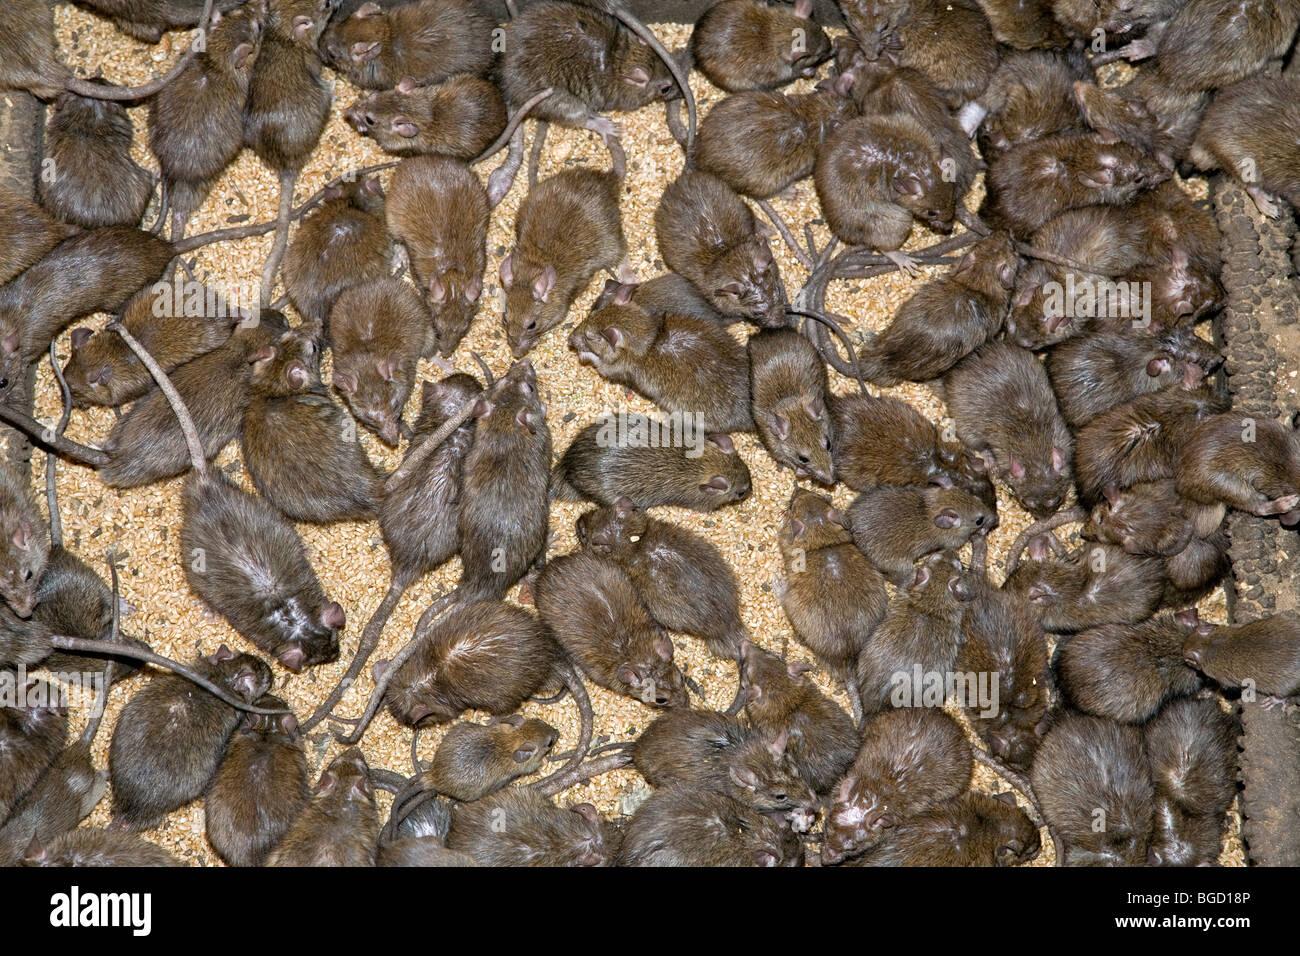 Image result for Images of the Deshnok RAT TEMPLE Rajasthan